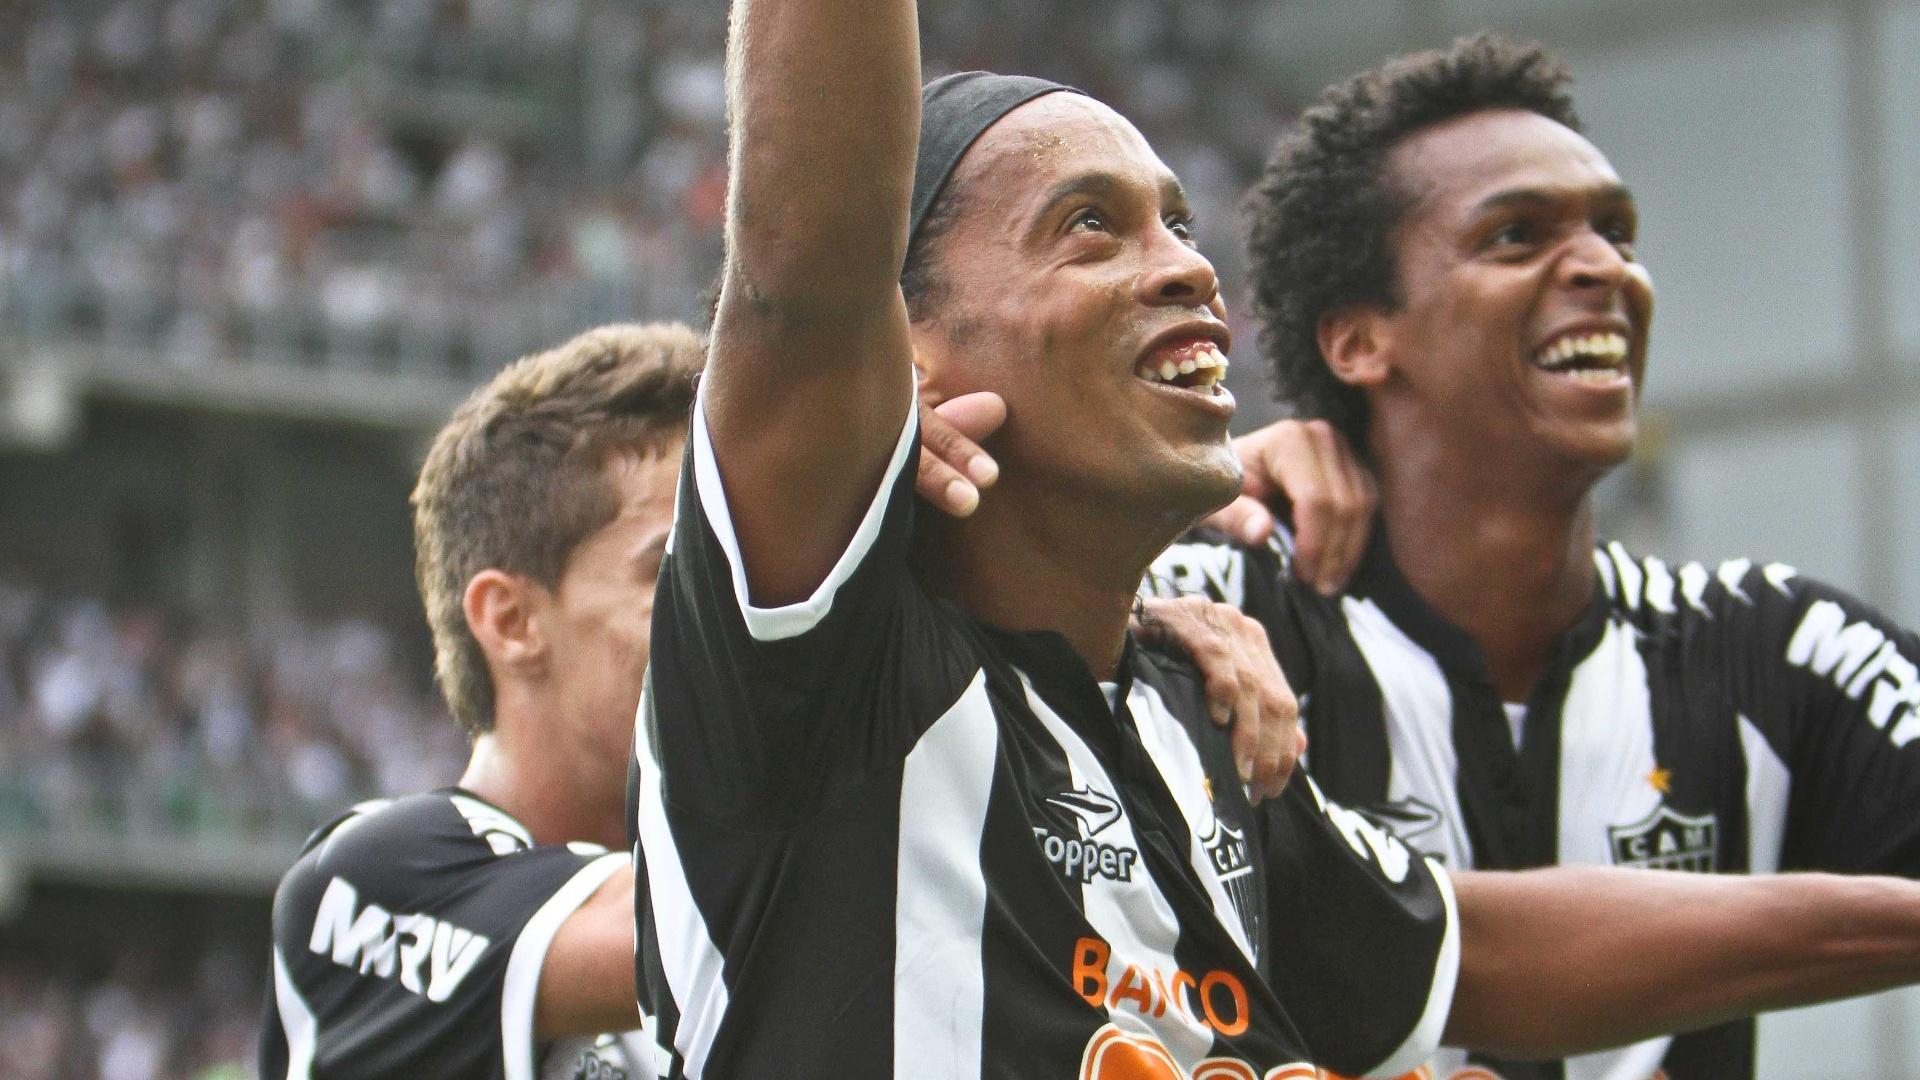 02.dez.2012 - Ronaldinho Gaúcho comemora depois de marcar para o Atlético-MG na vitória sobre o Cruzeiro por 3 a 2, pelo Brasileirão